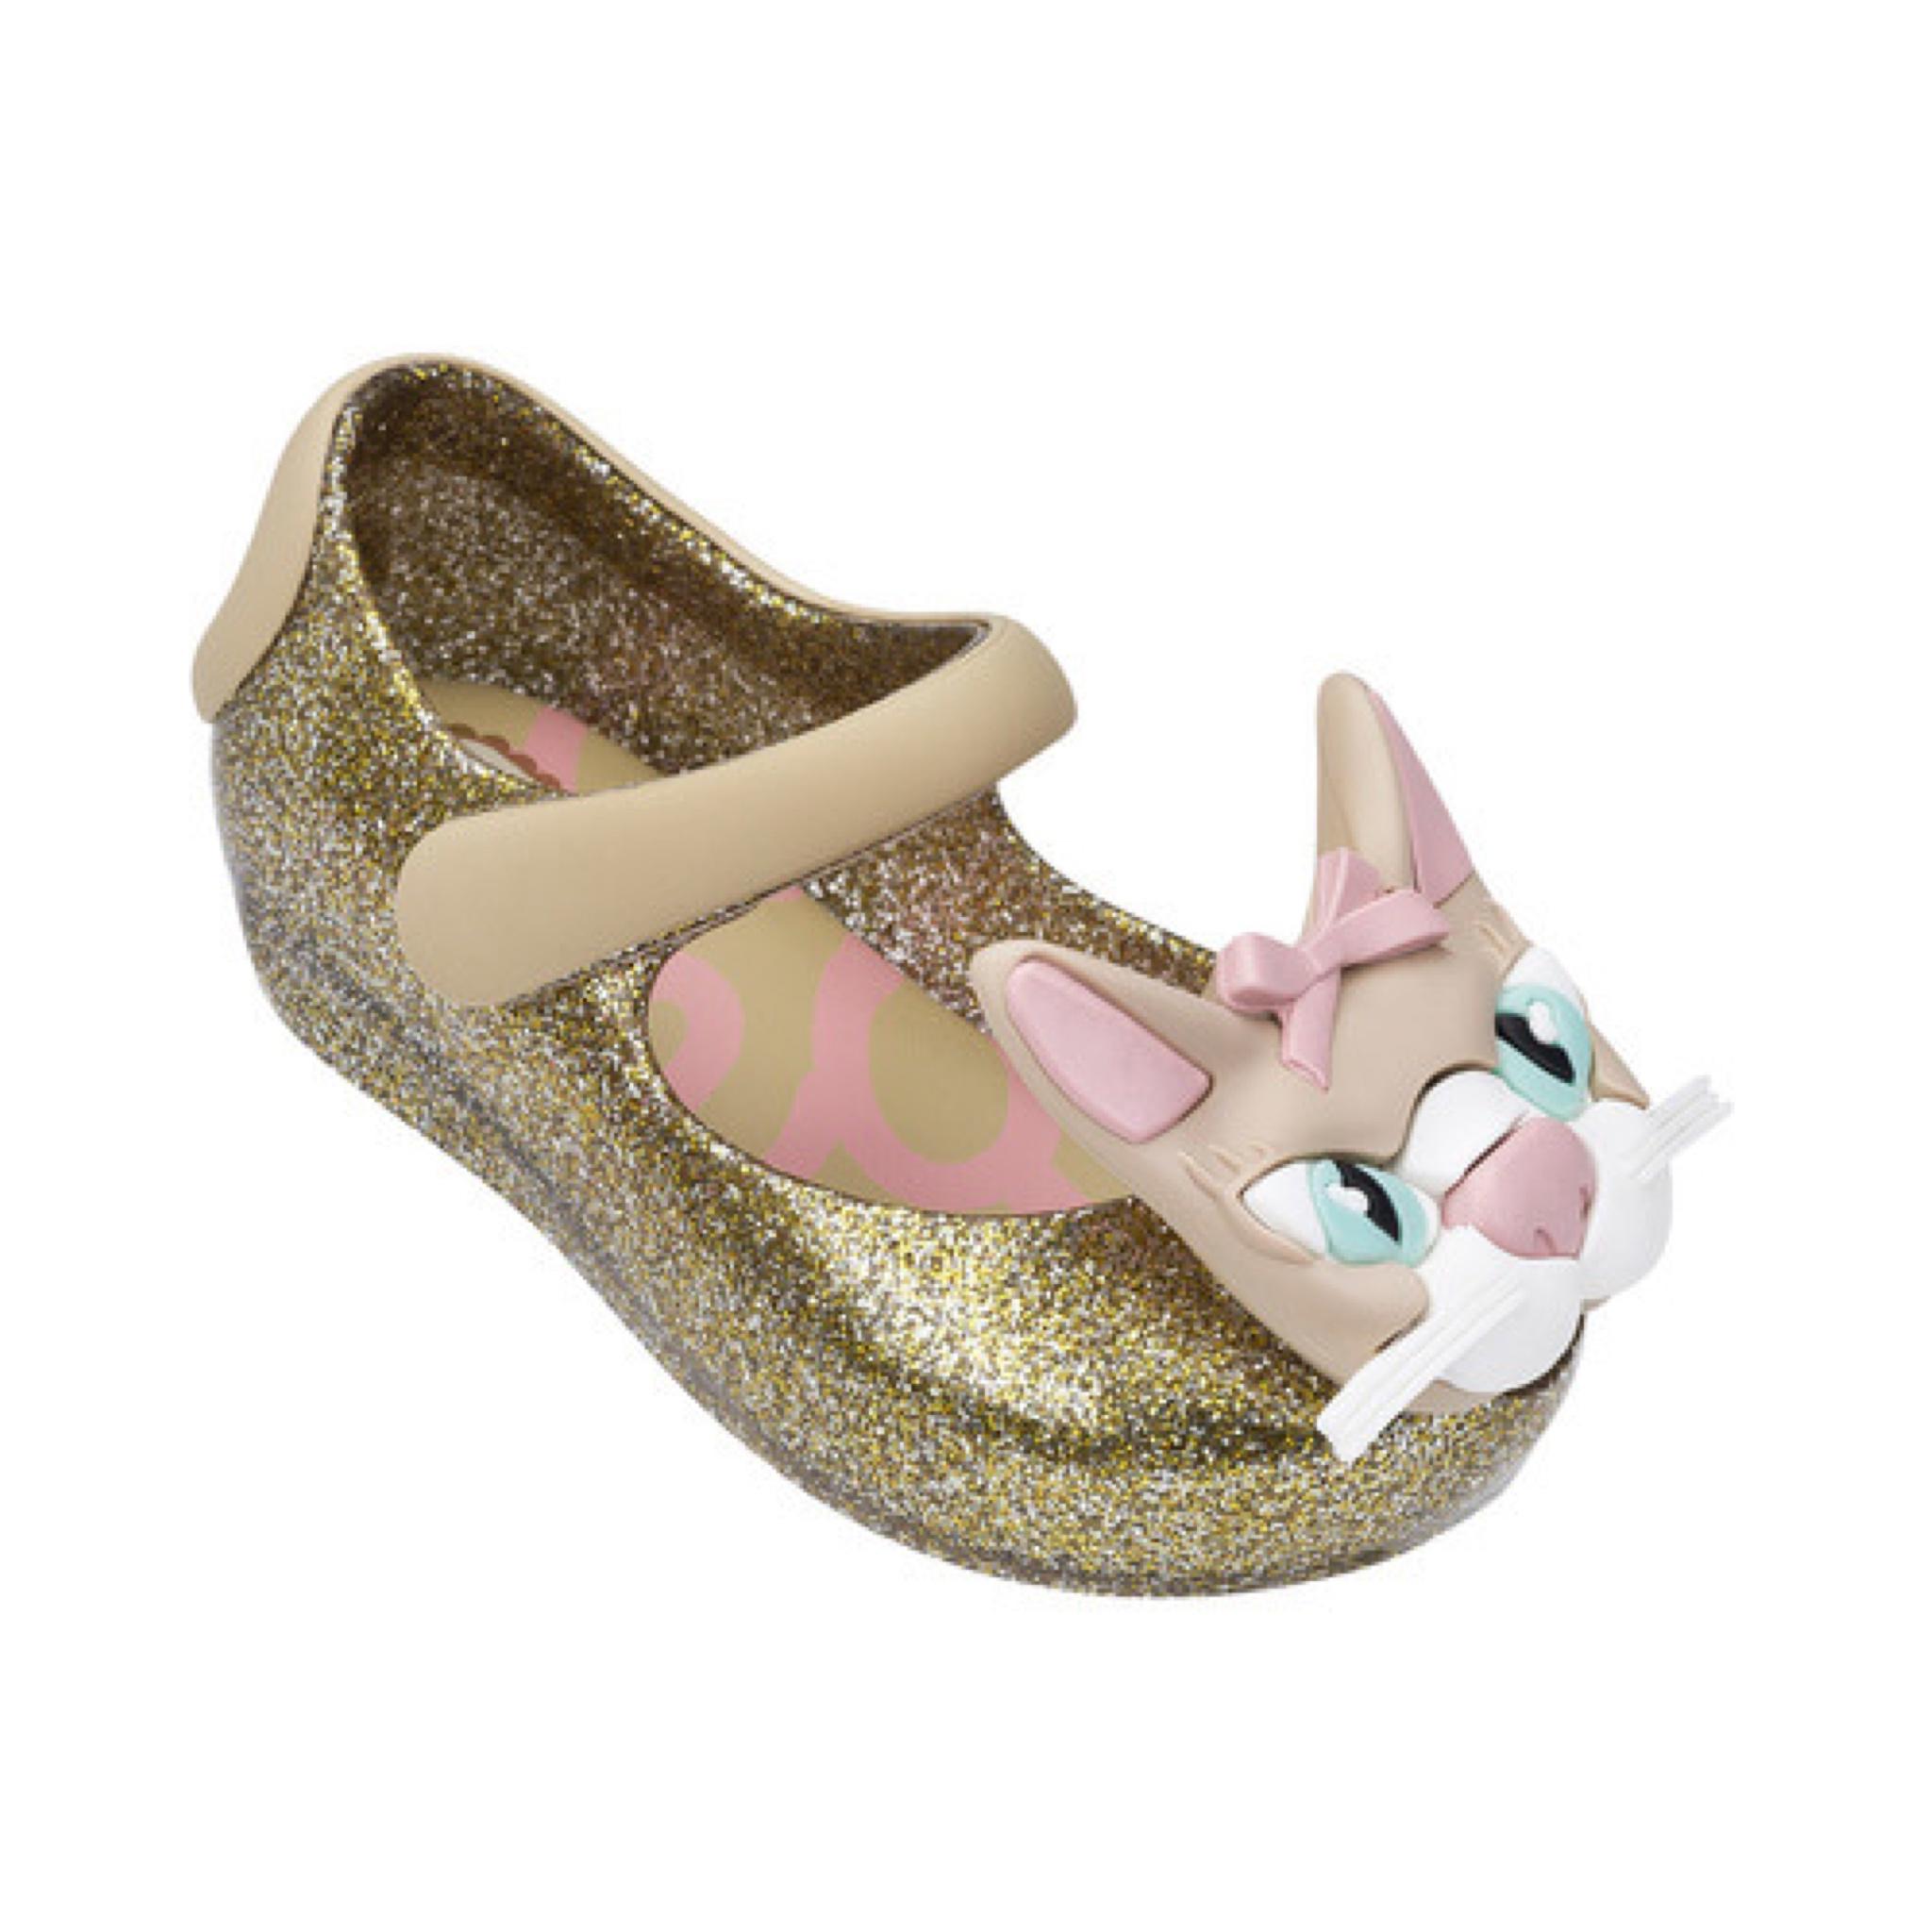 รองเท้าแมวน้อยรุ่นใหม่สำหรับลูกสาว Mini Melissa รุ่น Ultragirl Cat VII (Gold)